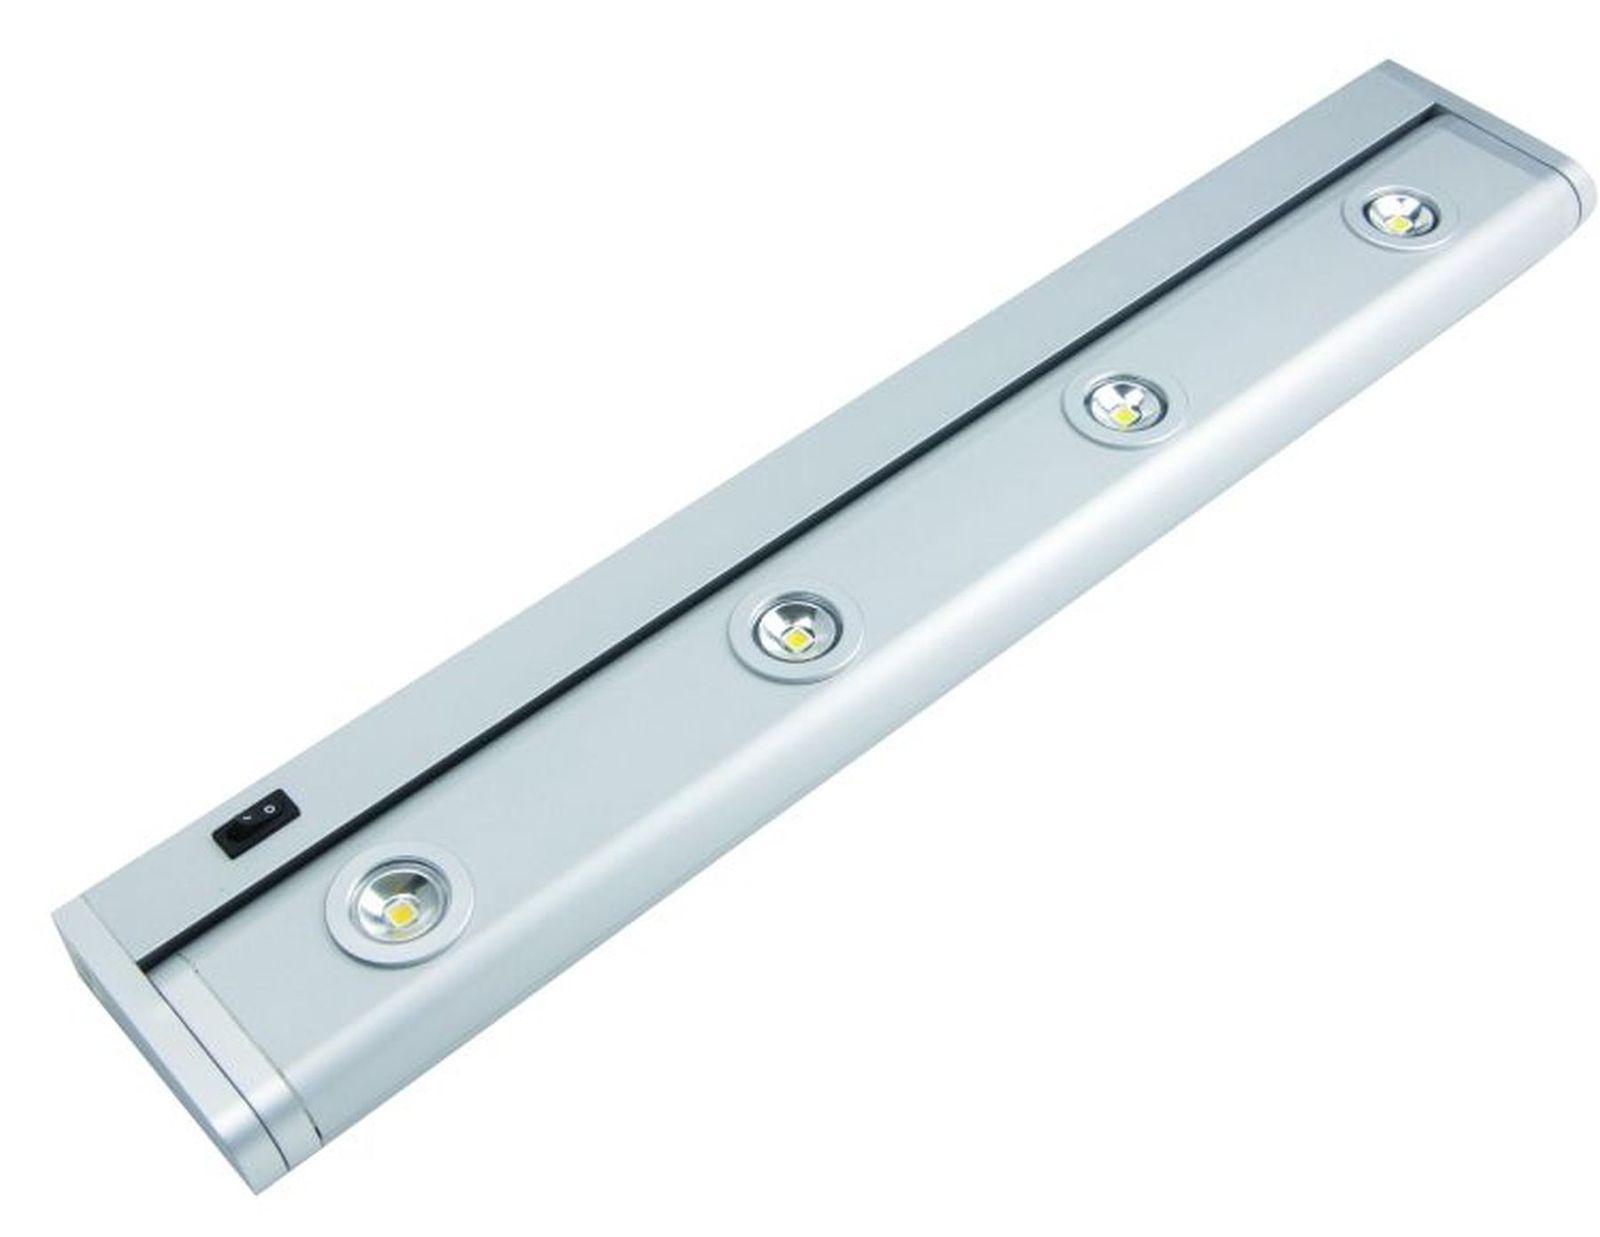 led-kchen-schrank-unterbau-schwenkleuchte-520-mm-lichtleiste-4-x-1-watt--30585 Erstaunlich Unterbauleuchte Led Mit Steckdose Dekorationen